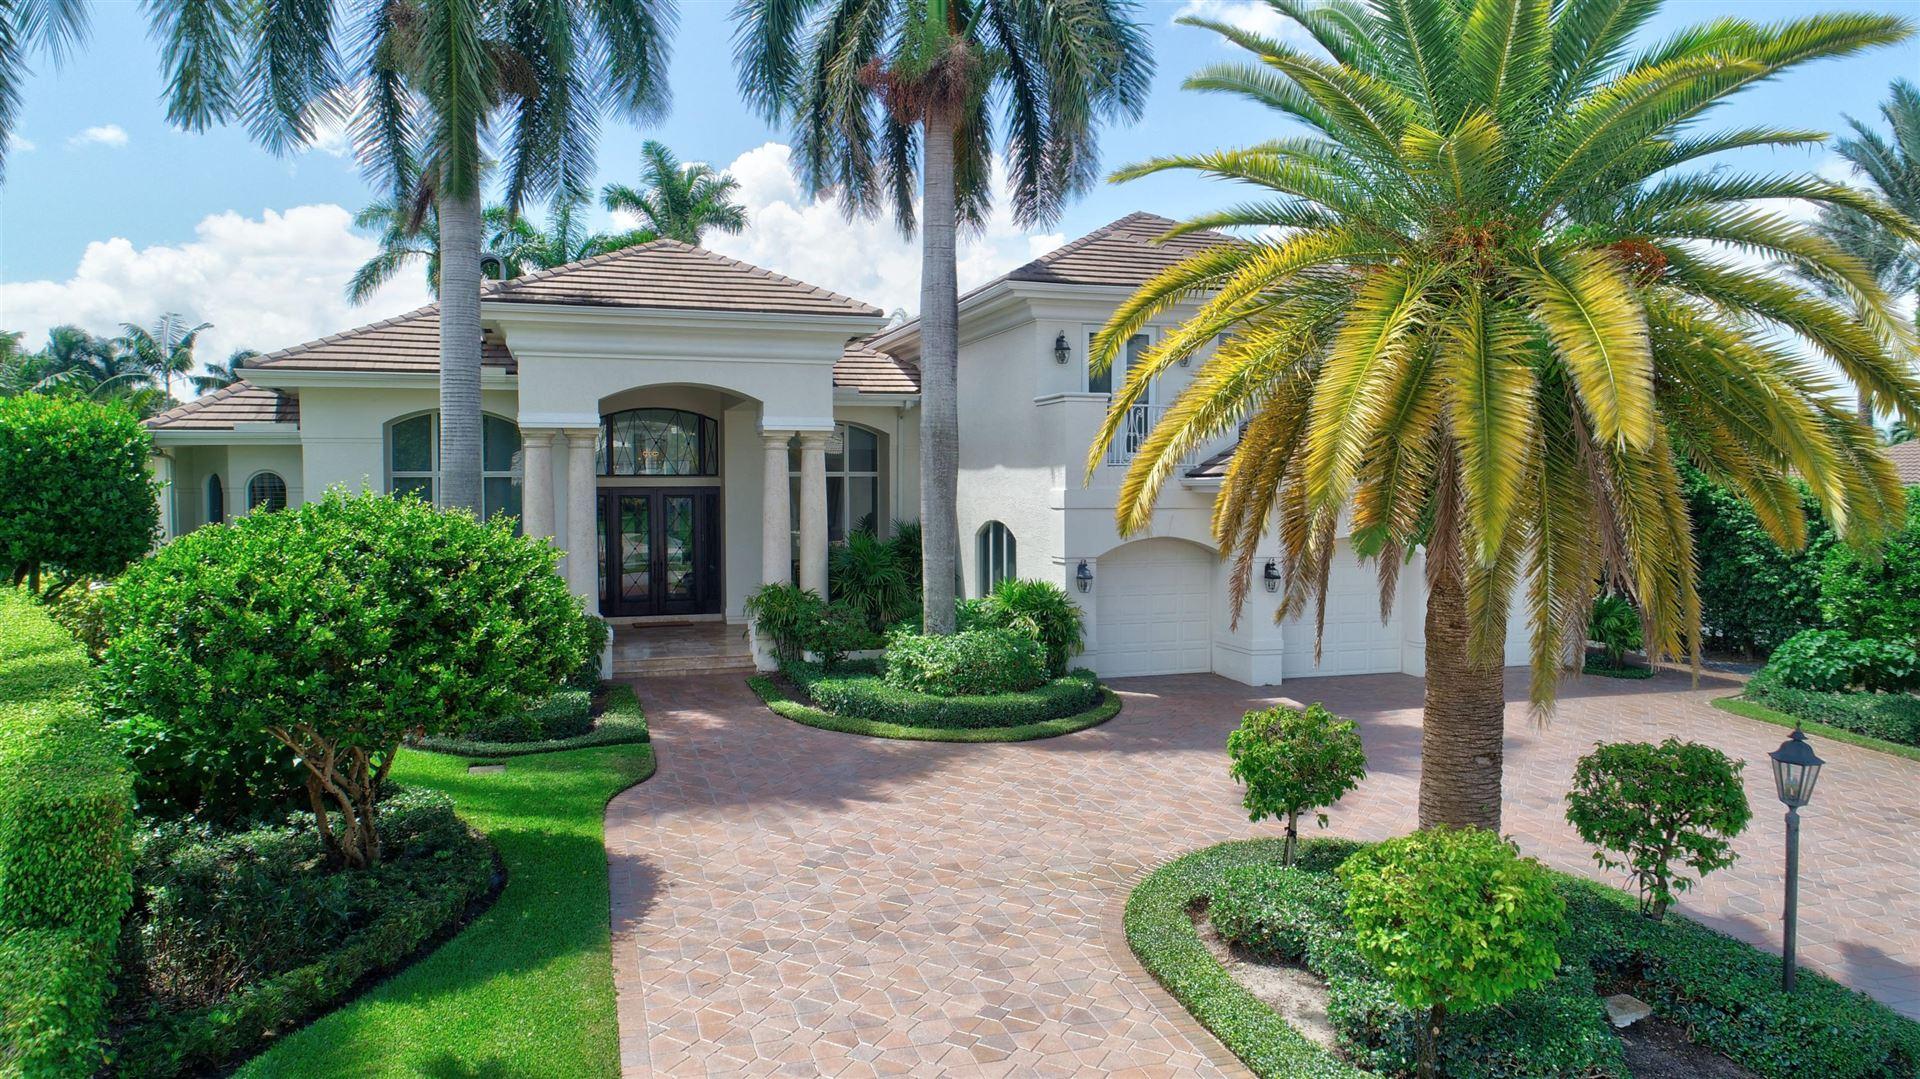 17711 Lake Estates Drive, Boca Raton, FL 33496 - #: RX-10558432